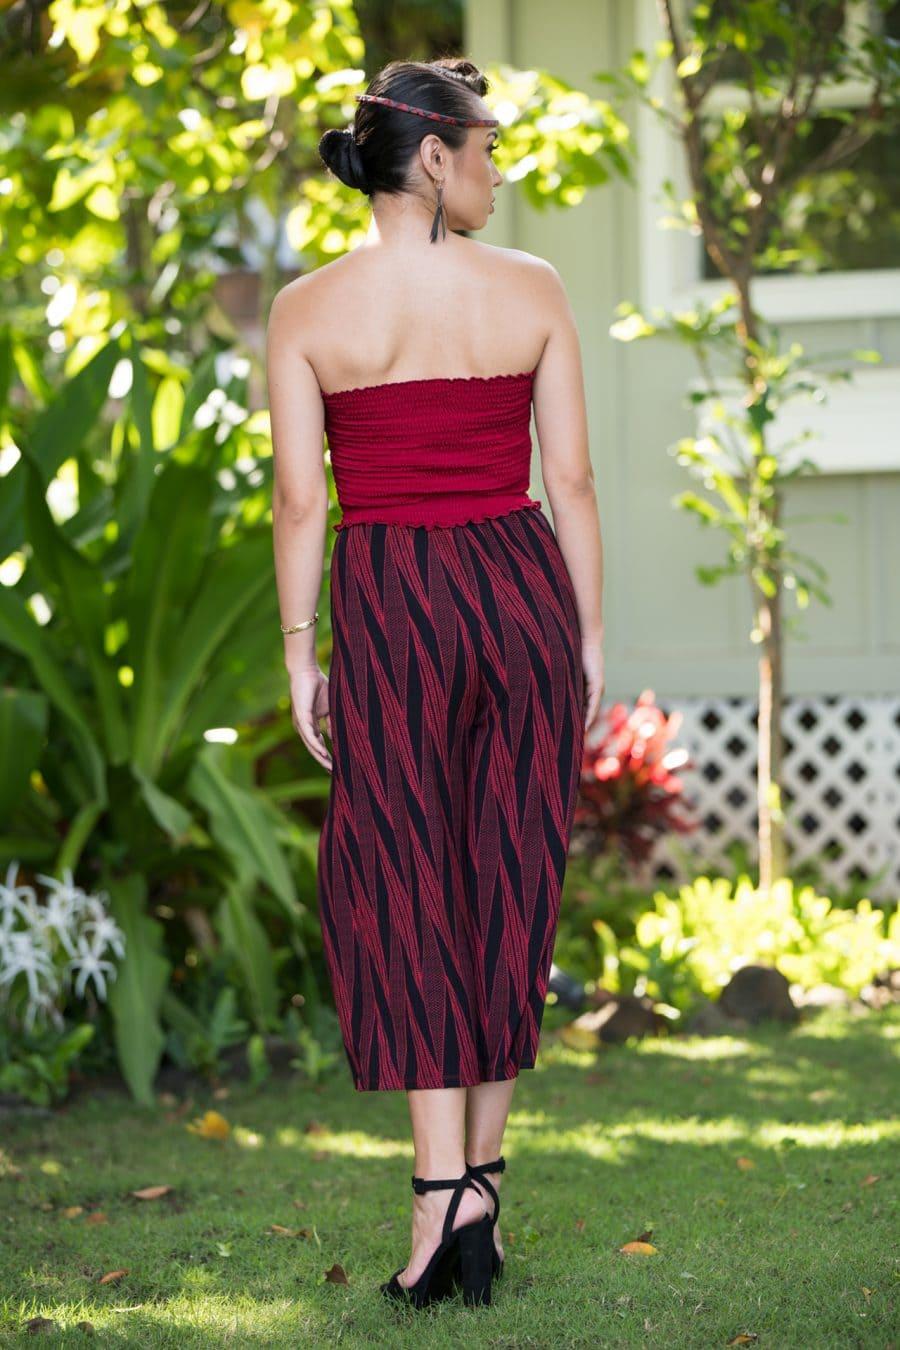 Model wearing Kalei Kultots in Deppwell Brick Red Kialoa Pattern - Back View